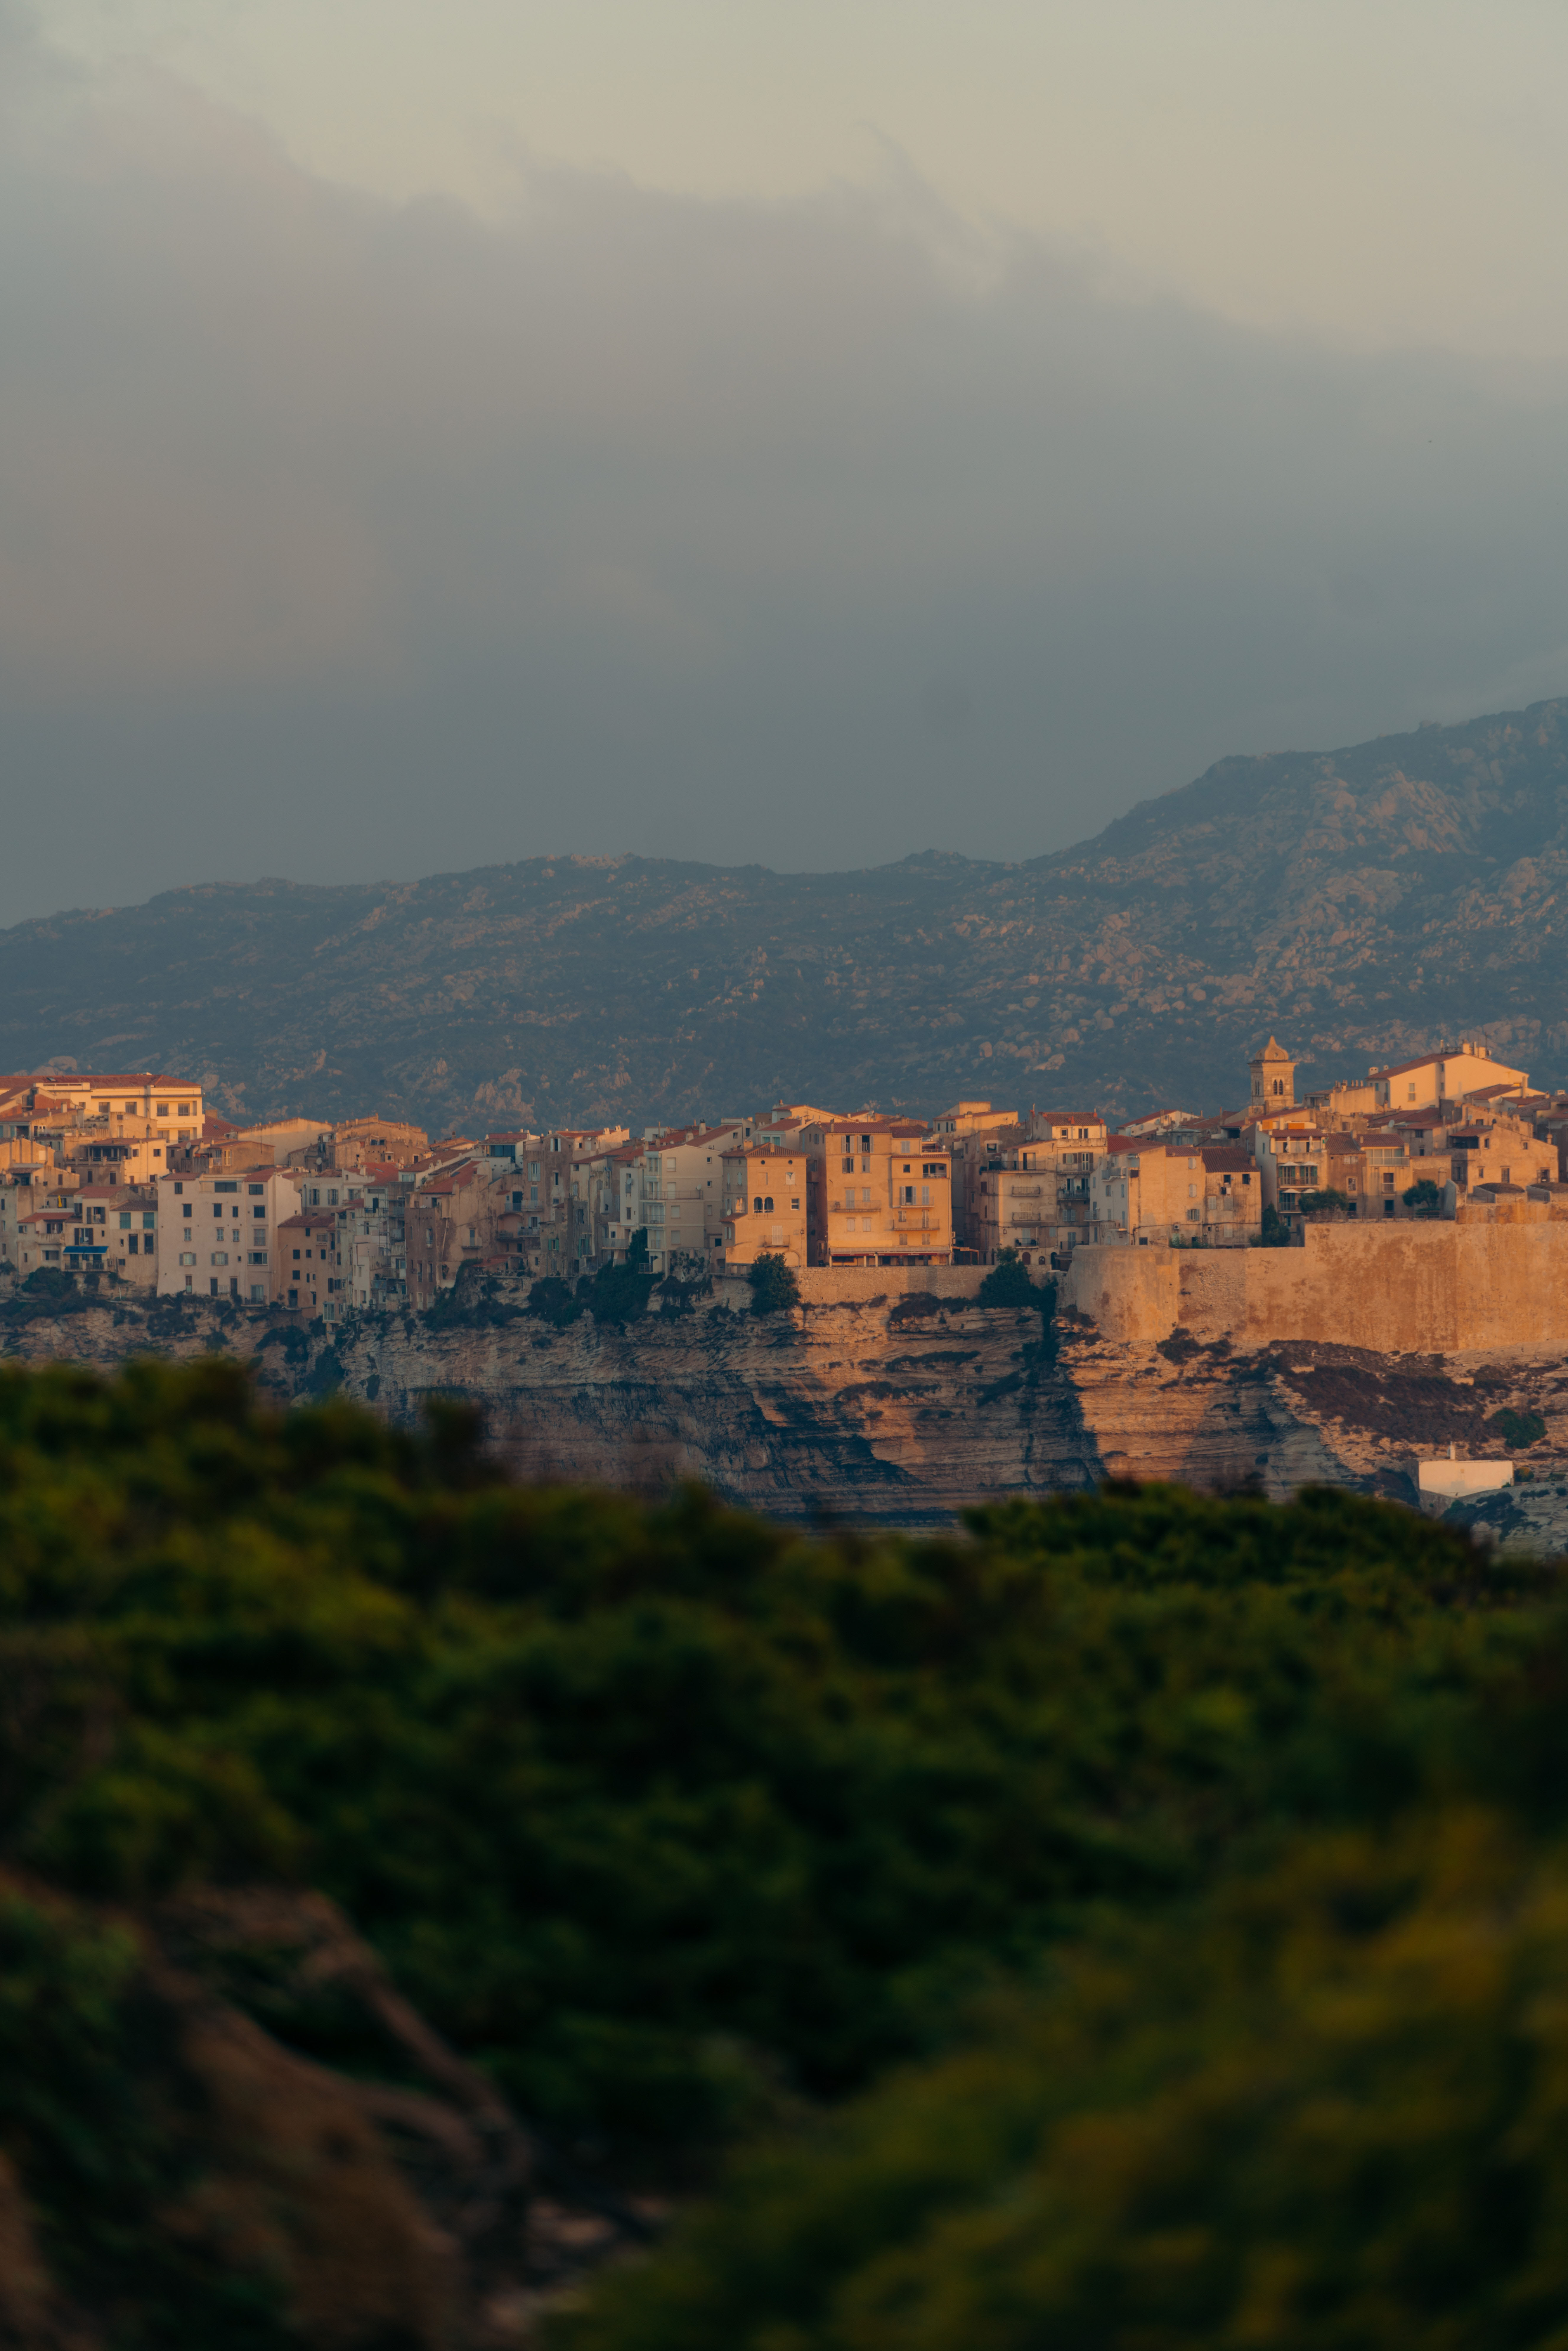 bonifacio najpiękniejsze miasto korsyki korsyka przewodnik co zobaczyć